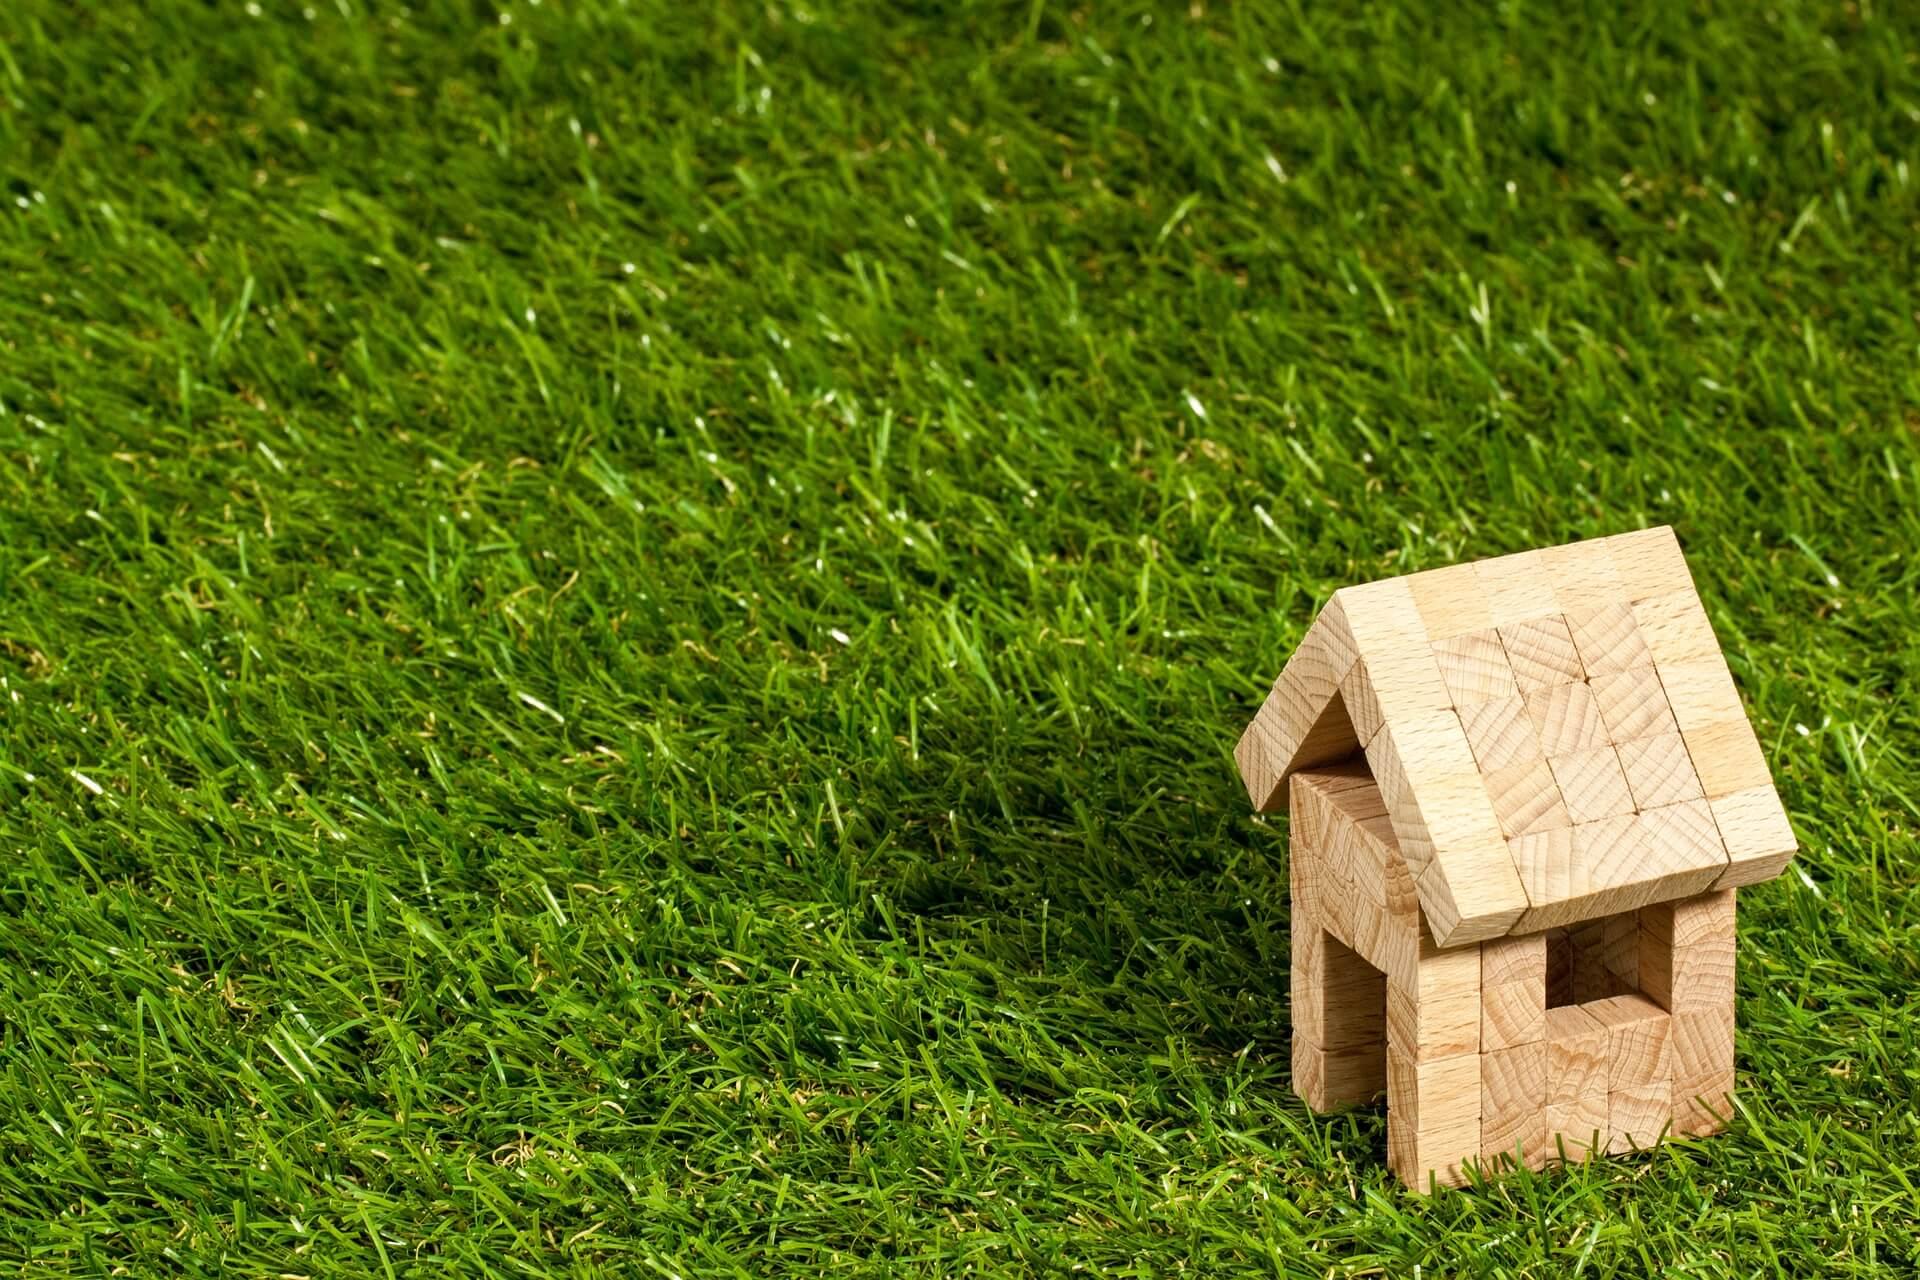 アパート経営での家賃保証とは?